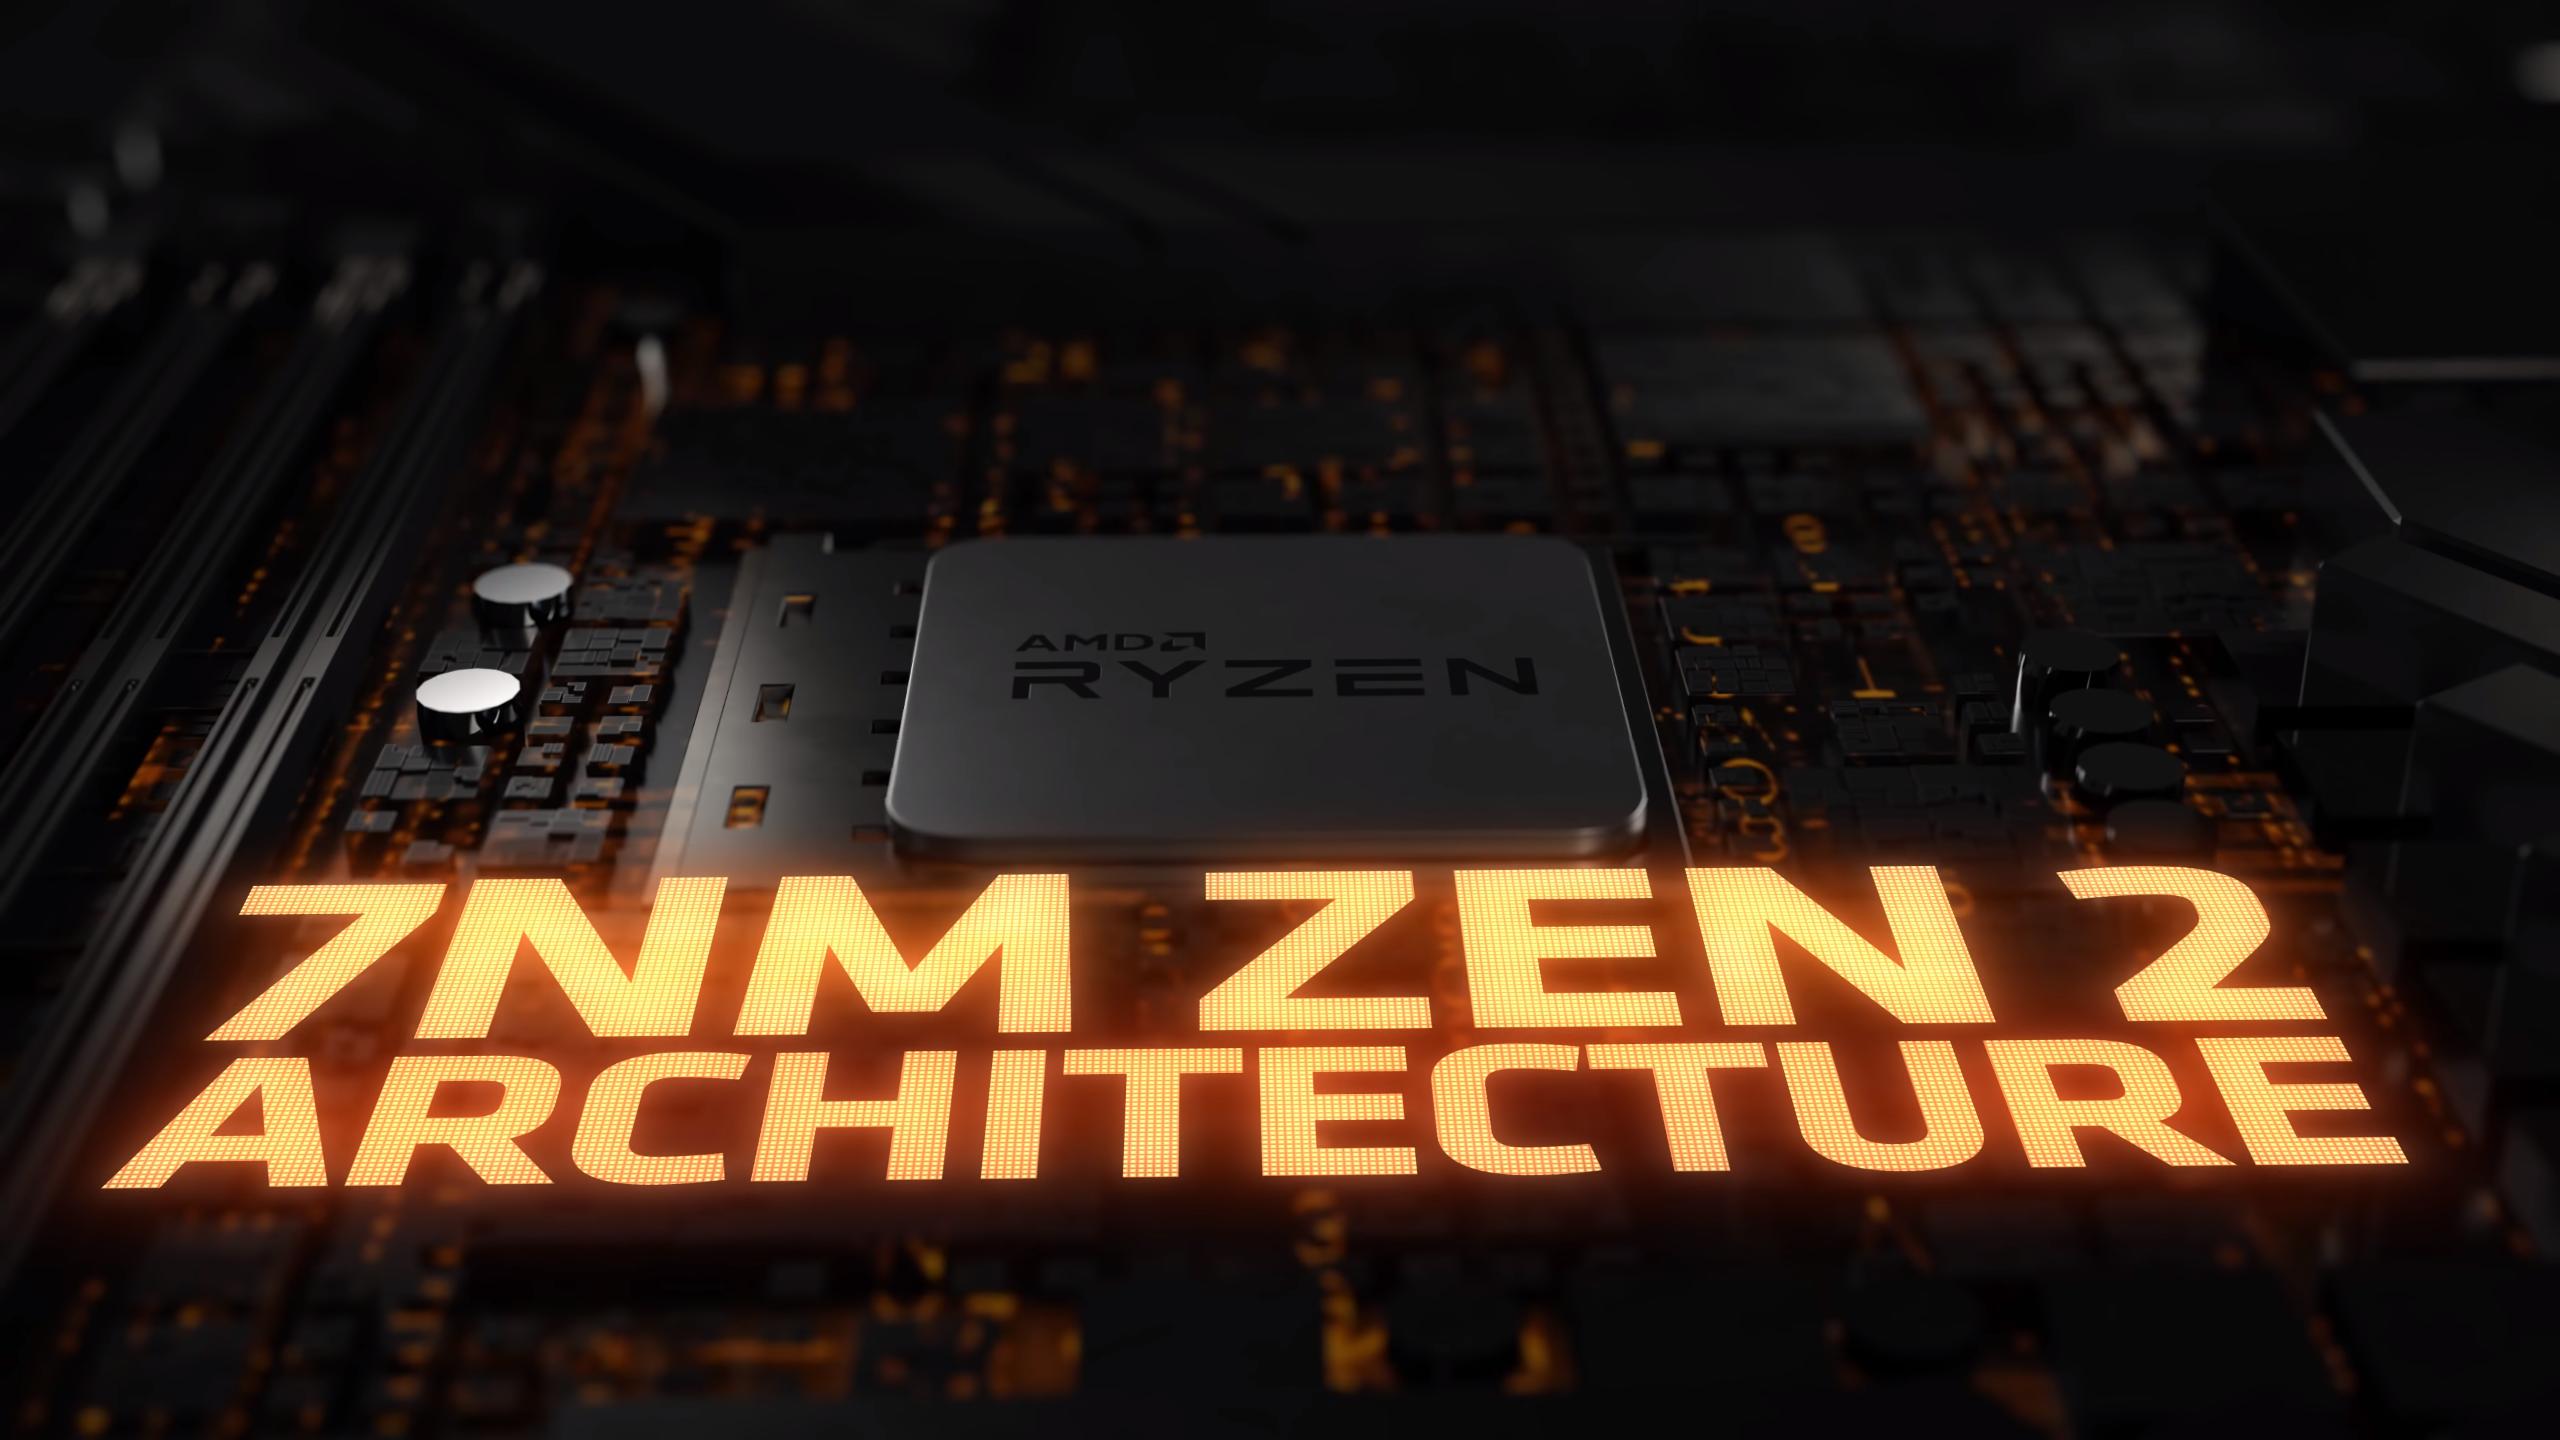 Zen 2 Microarchitecture